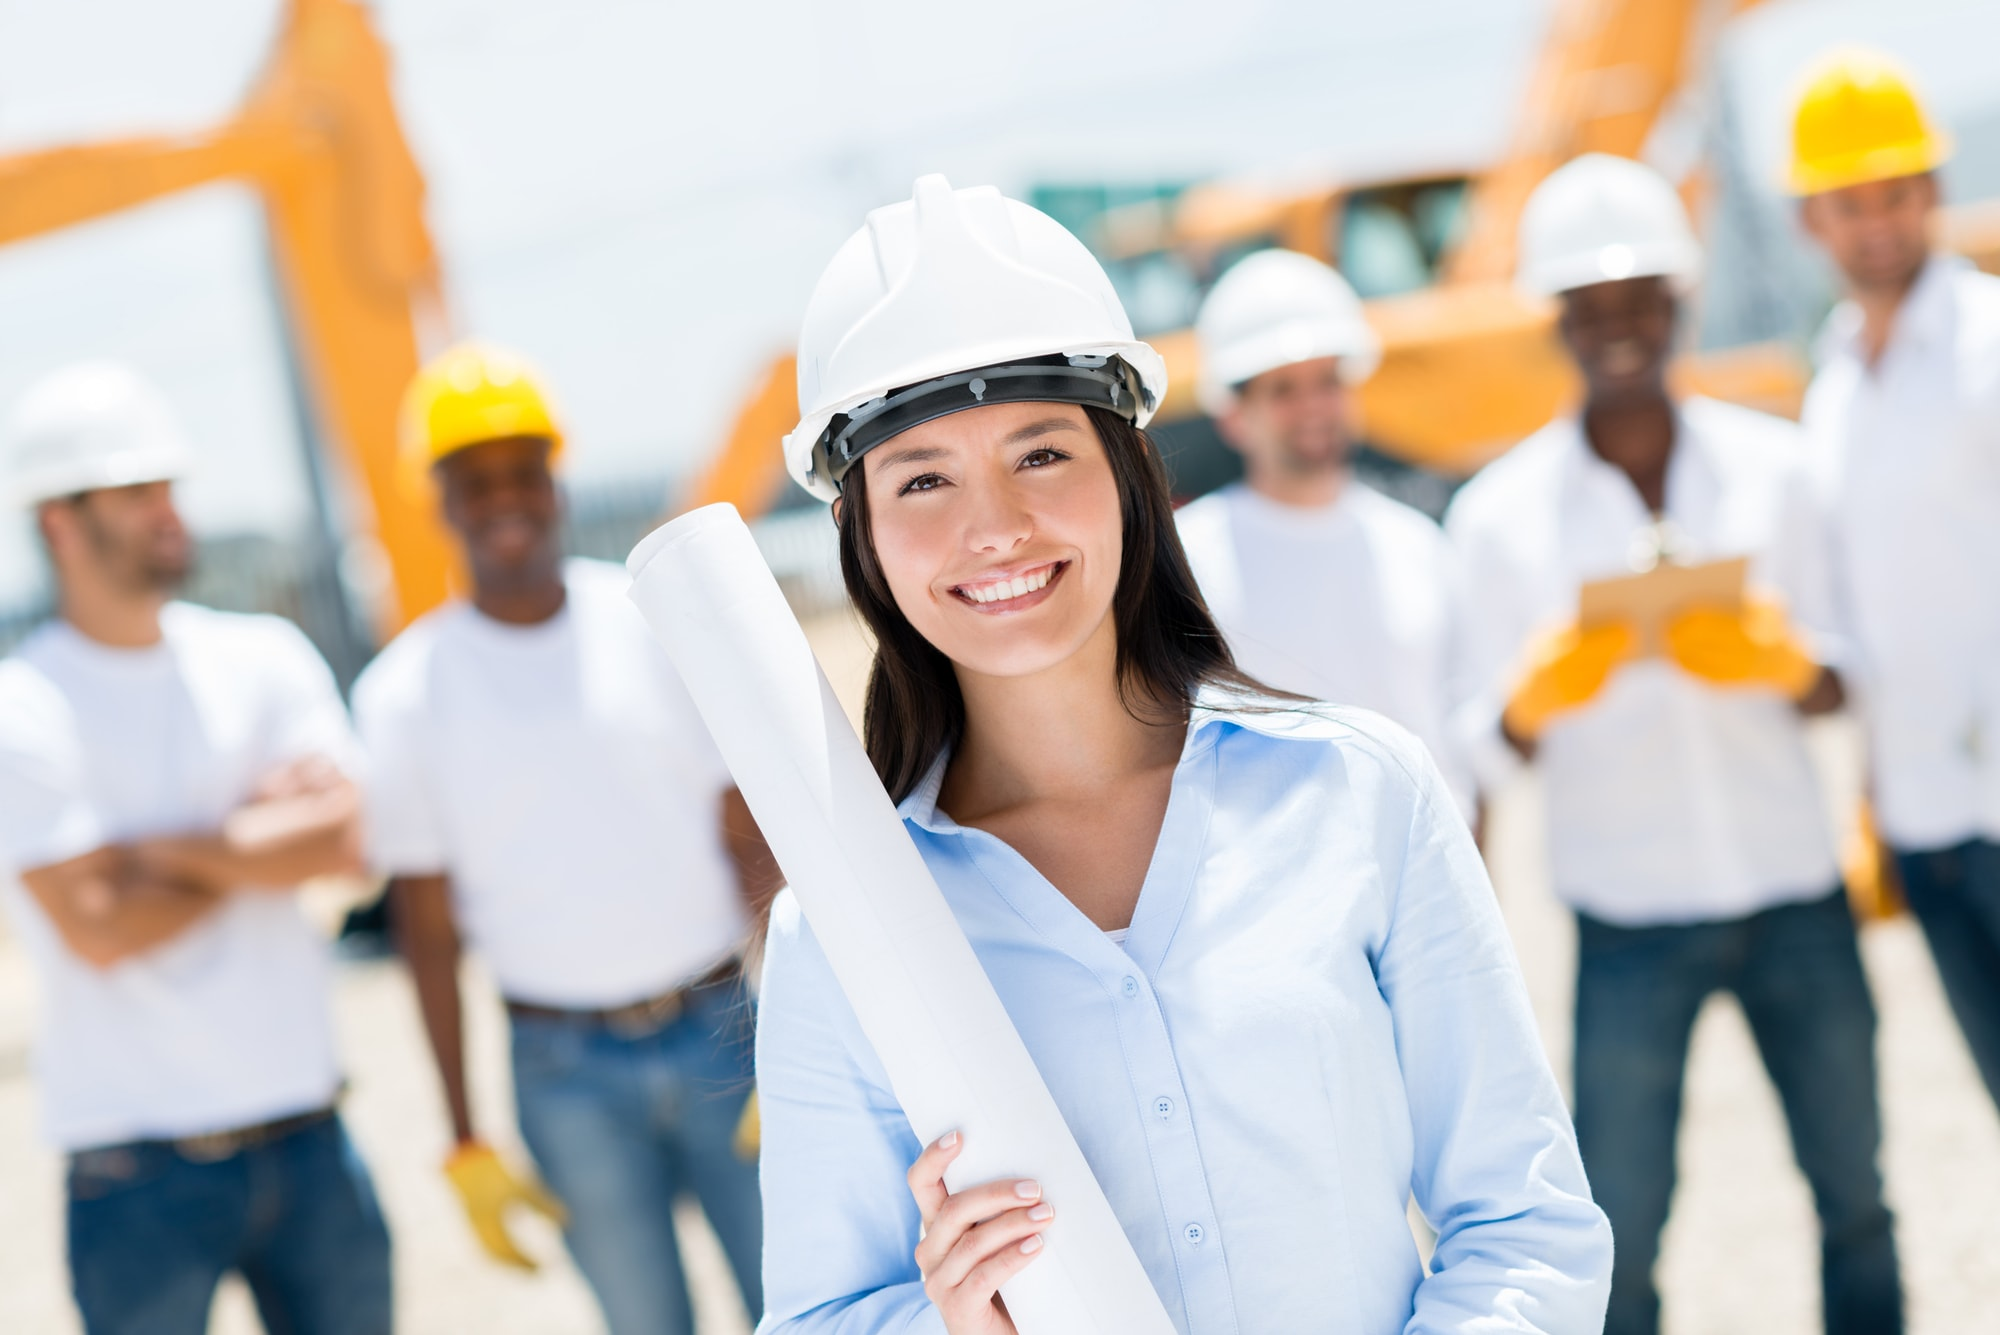 Copa do Mundo Feminina – Mulheres no Mercado da Construção Civil Quebrando Paradigmas